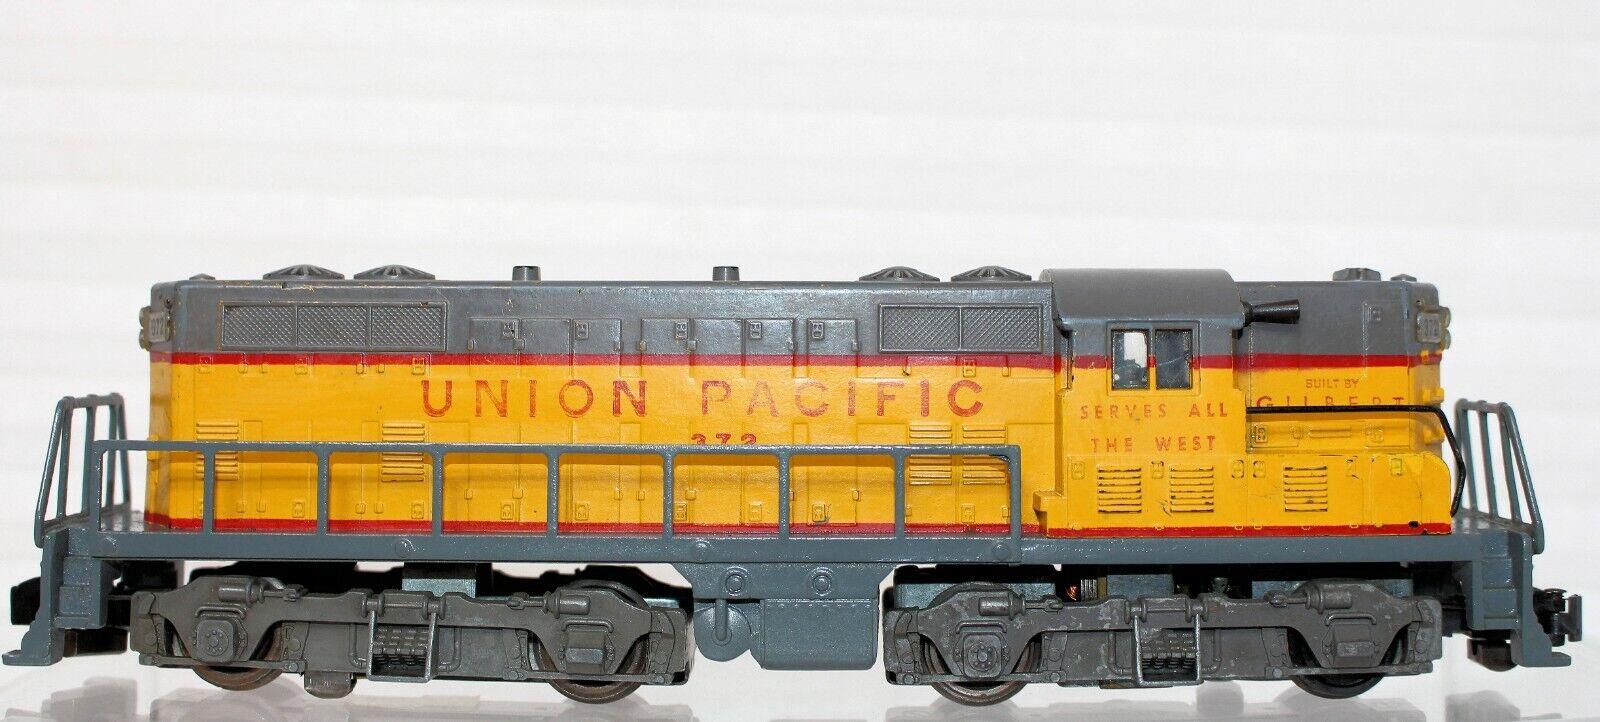 American Flyer costruito da Gilbert Union Pacific 372 tipo II GP7 loco Testatocorre